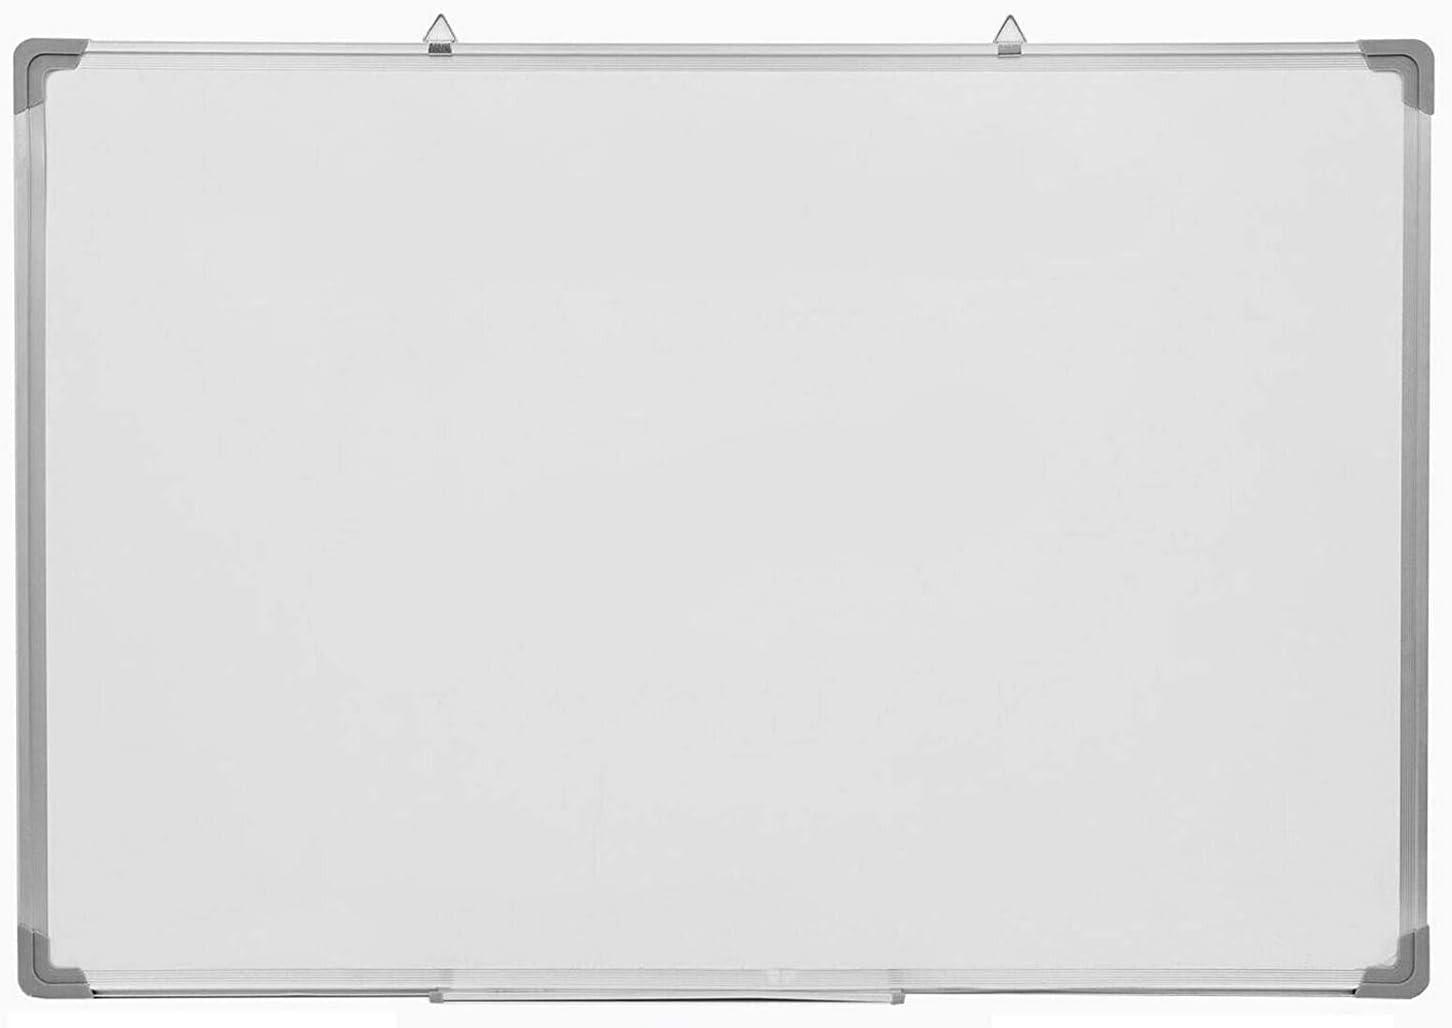 Tableau blanc magn/étique effa/çable /à sec 40CM X 60CM